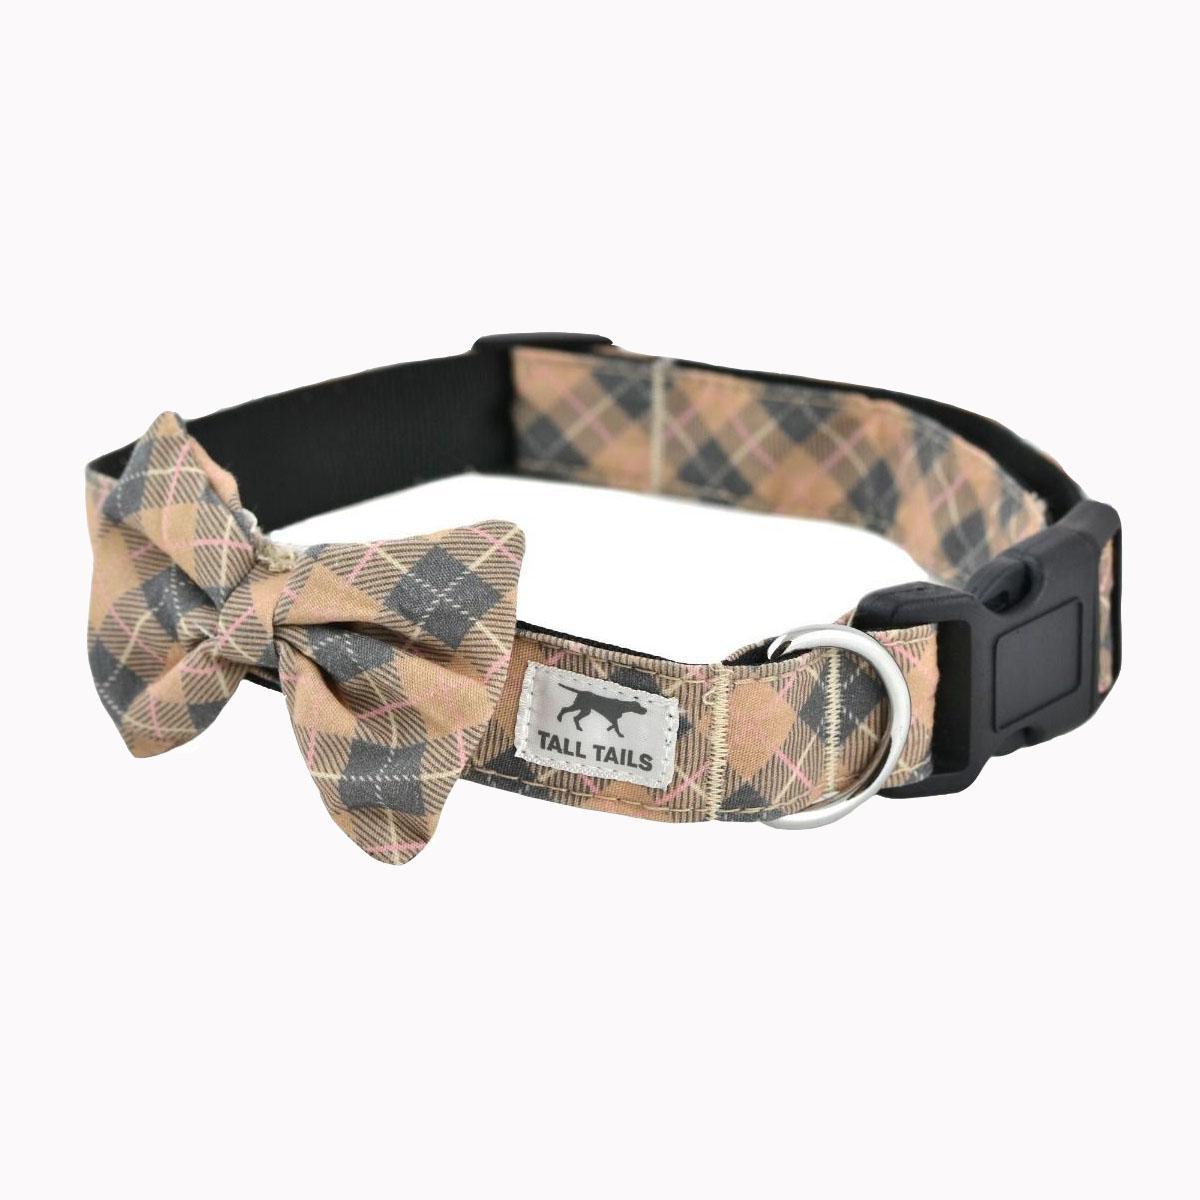 Tall Tails Bowtie Dog Collar - Tan Plaid